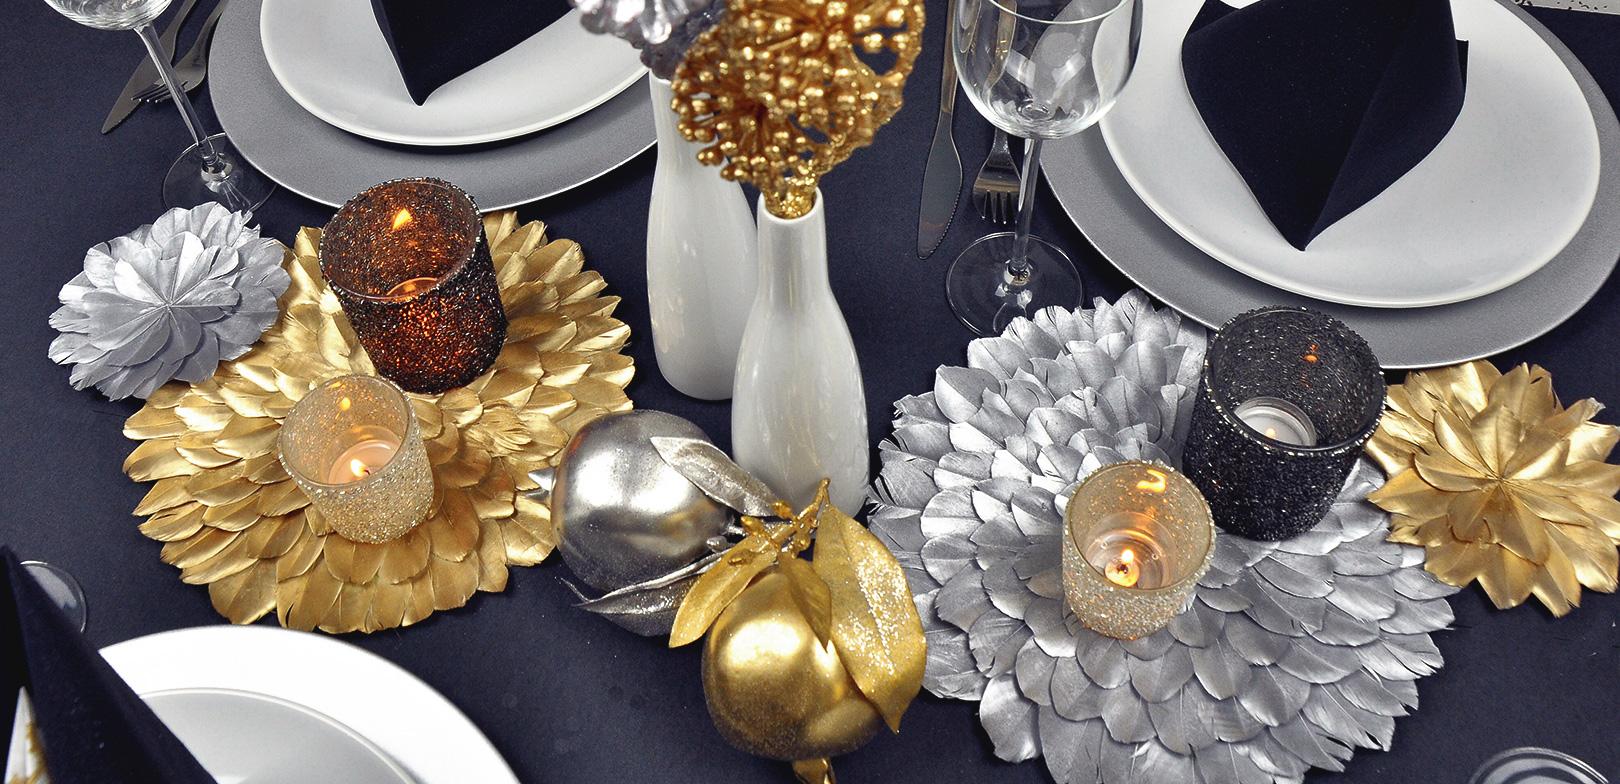 Tischdekoration Schwarz Gold Silber